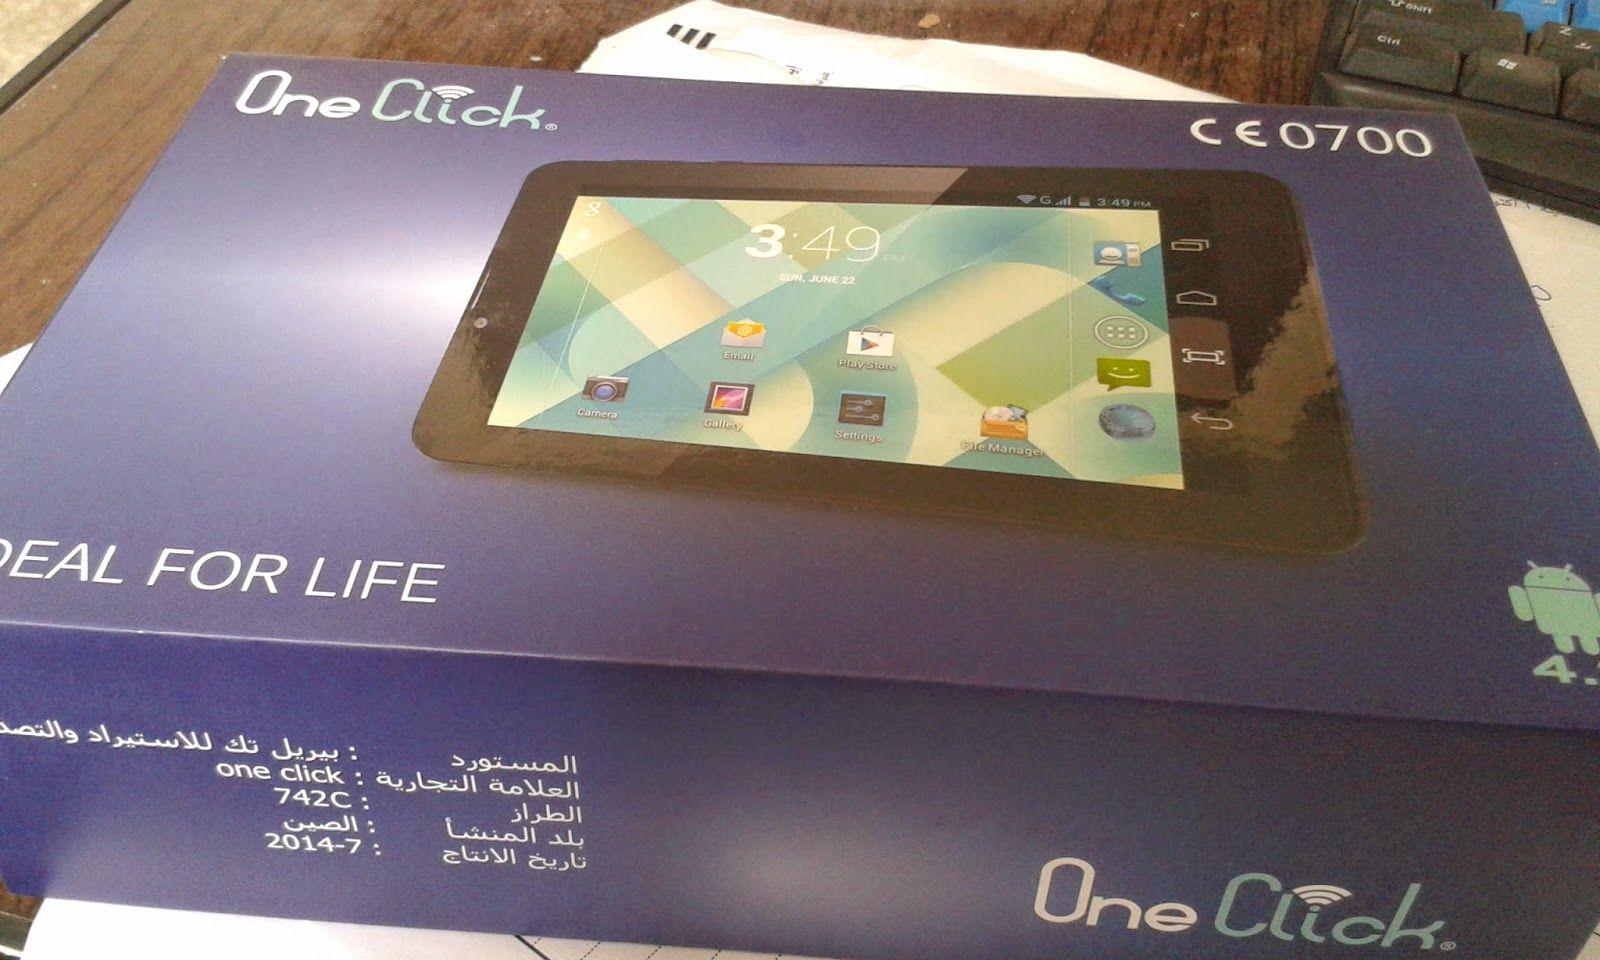 ارخص تابلت بشريحتين اورجينال وان كليك One Click Tablet High Copy 01149083448 هاى كوبى Blog Posts Blog Tablet